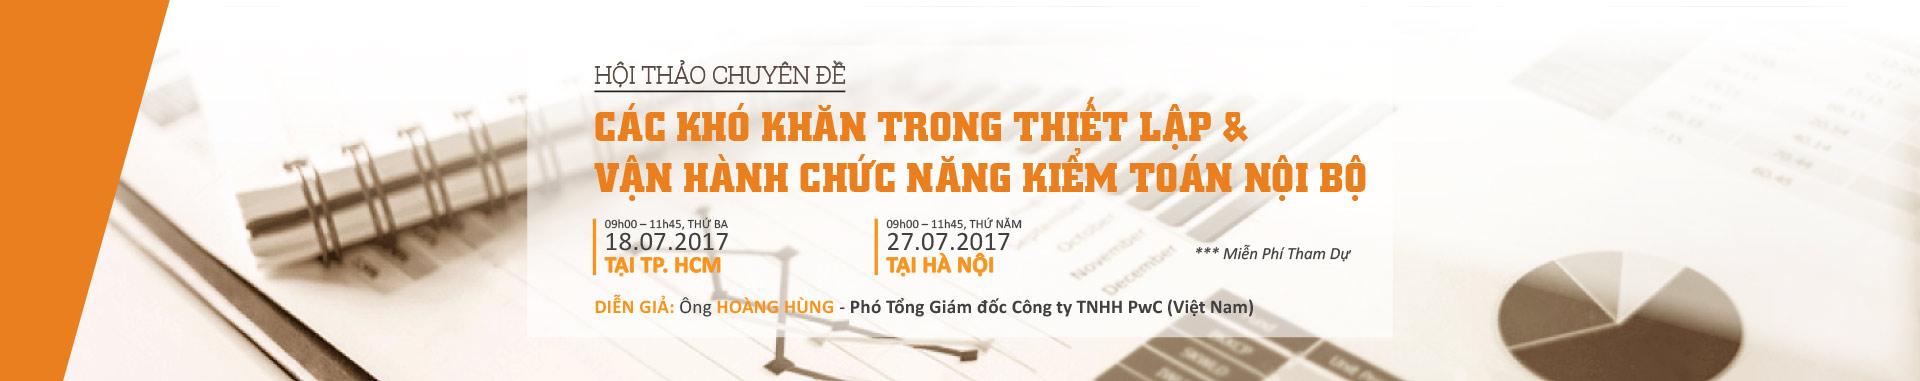 banner-web-ht-kiem-toan-noi-bo-pwc-2